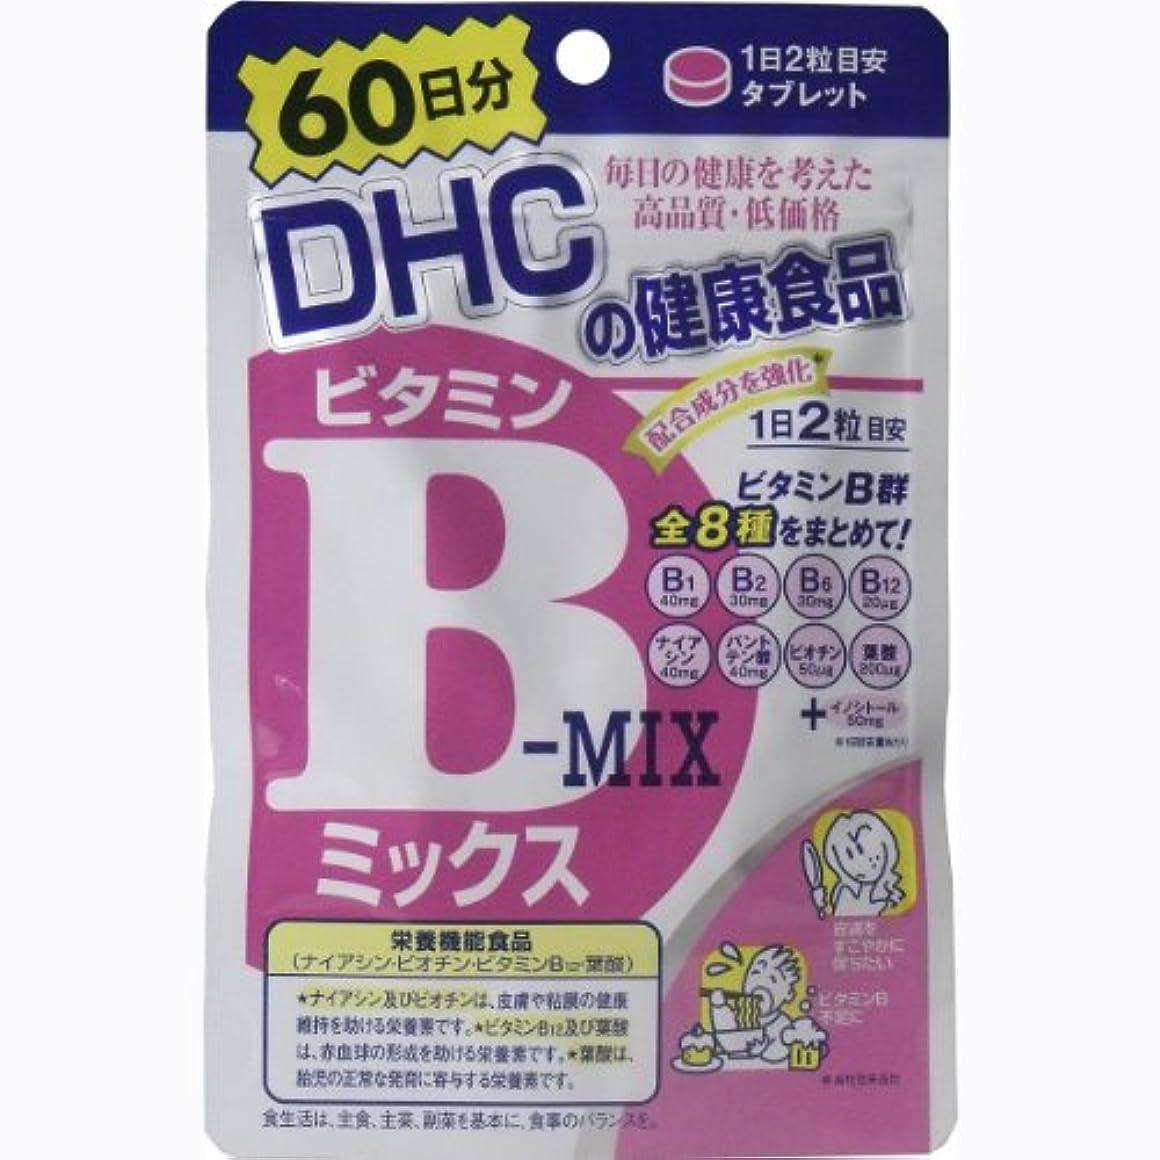 レインコート流行しているハイブリッドDHC ビタミンBミックス 120粒 60日分 ×5個セット